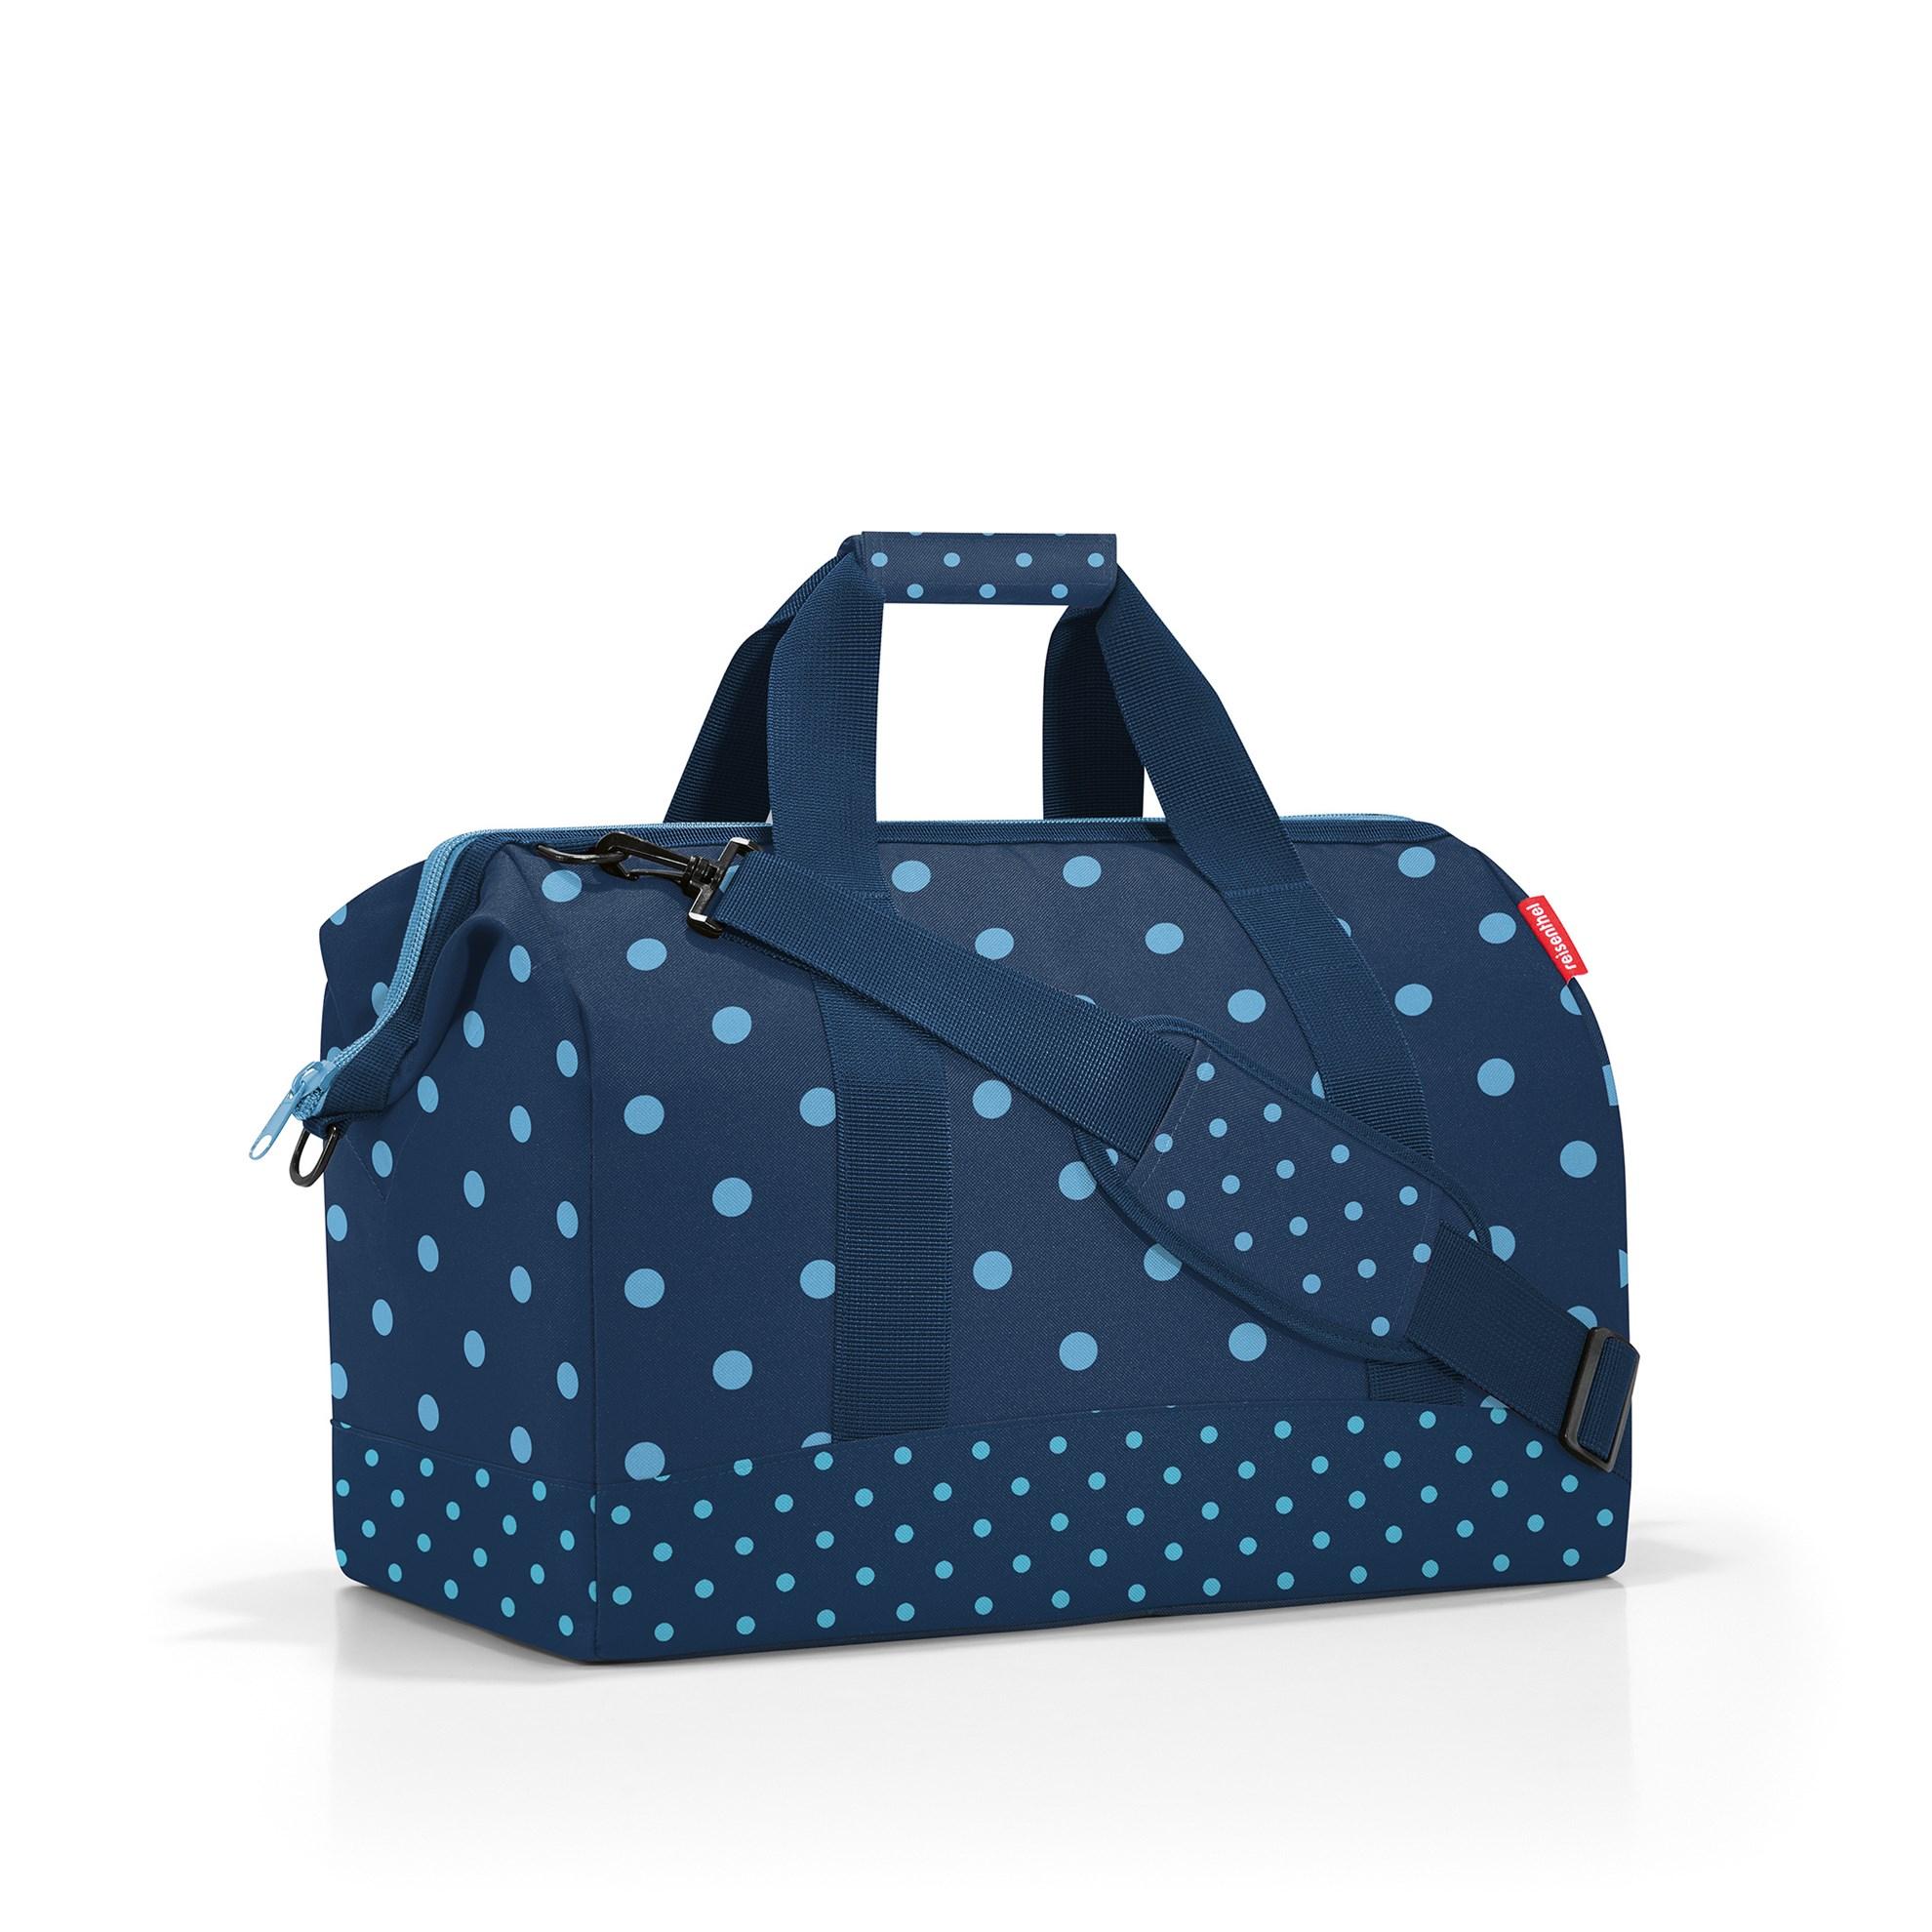 Cestovní taška Allrounder L mixed dots blue_1